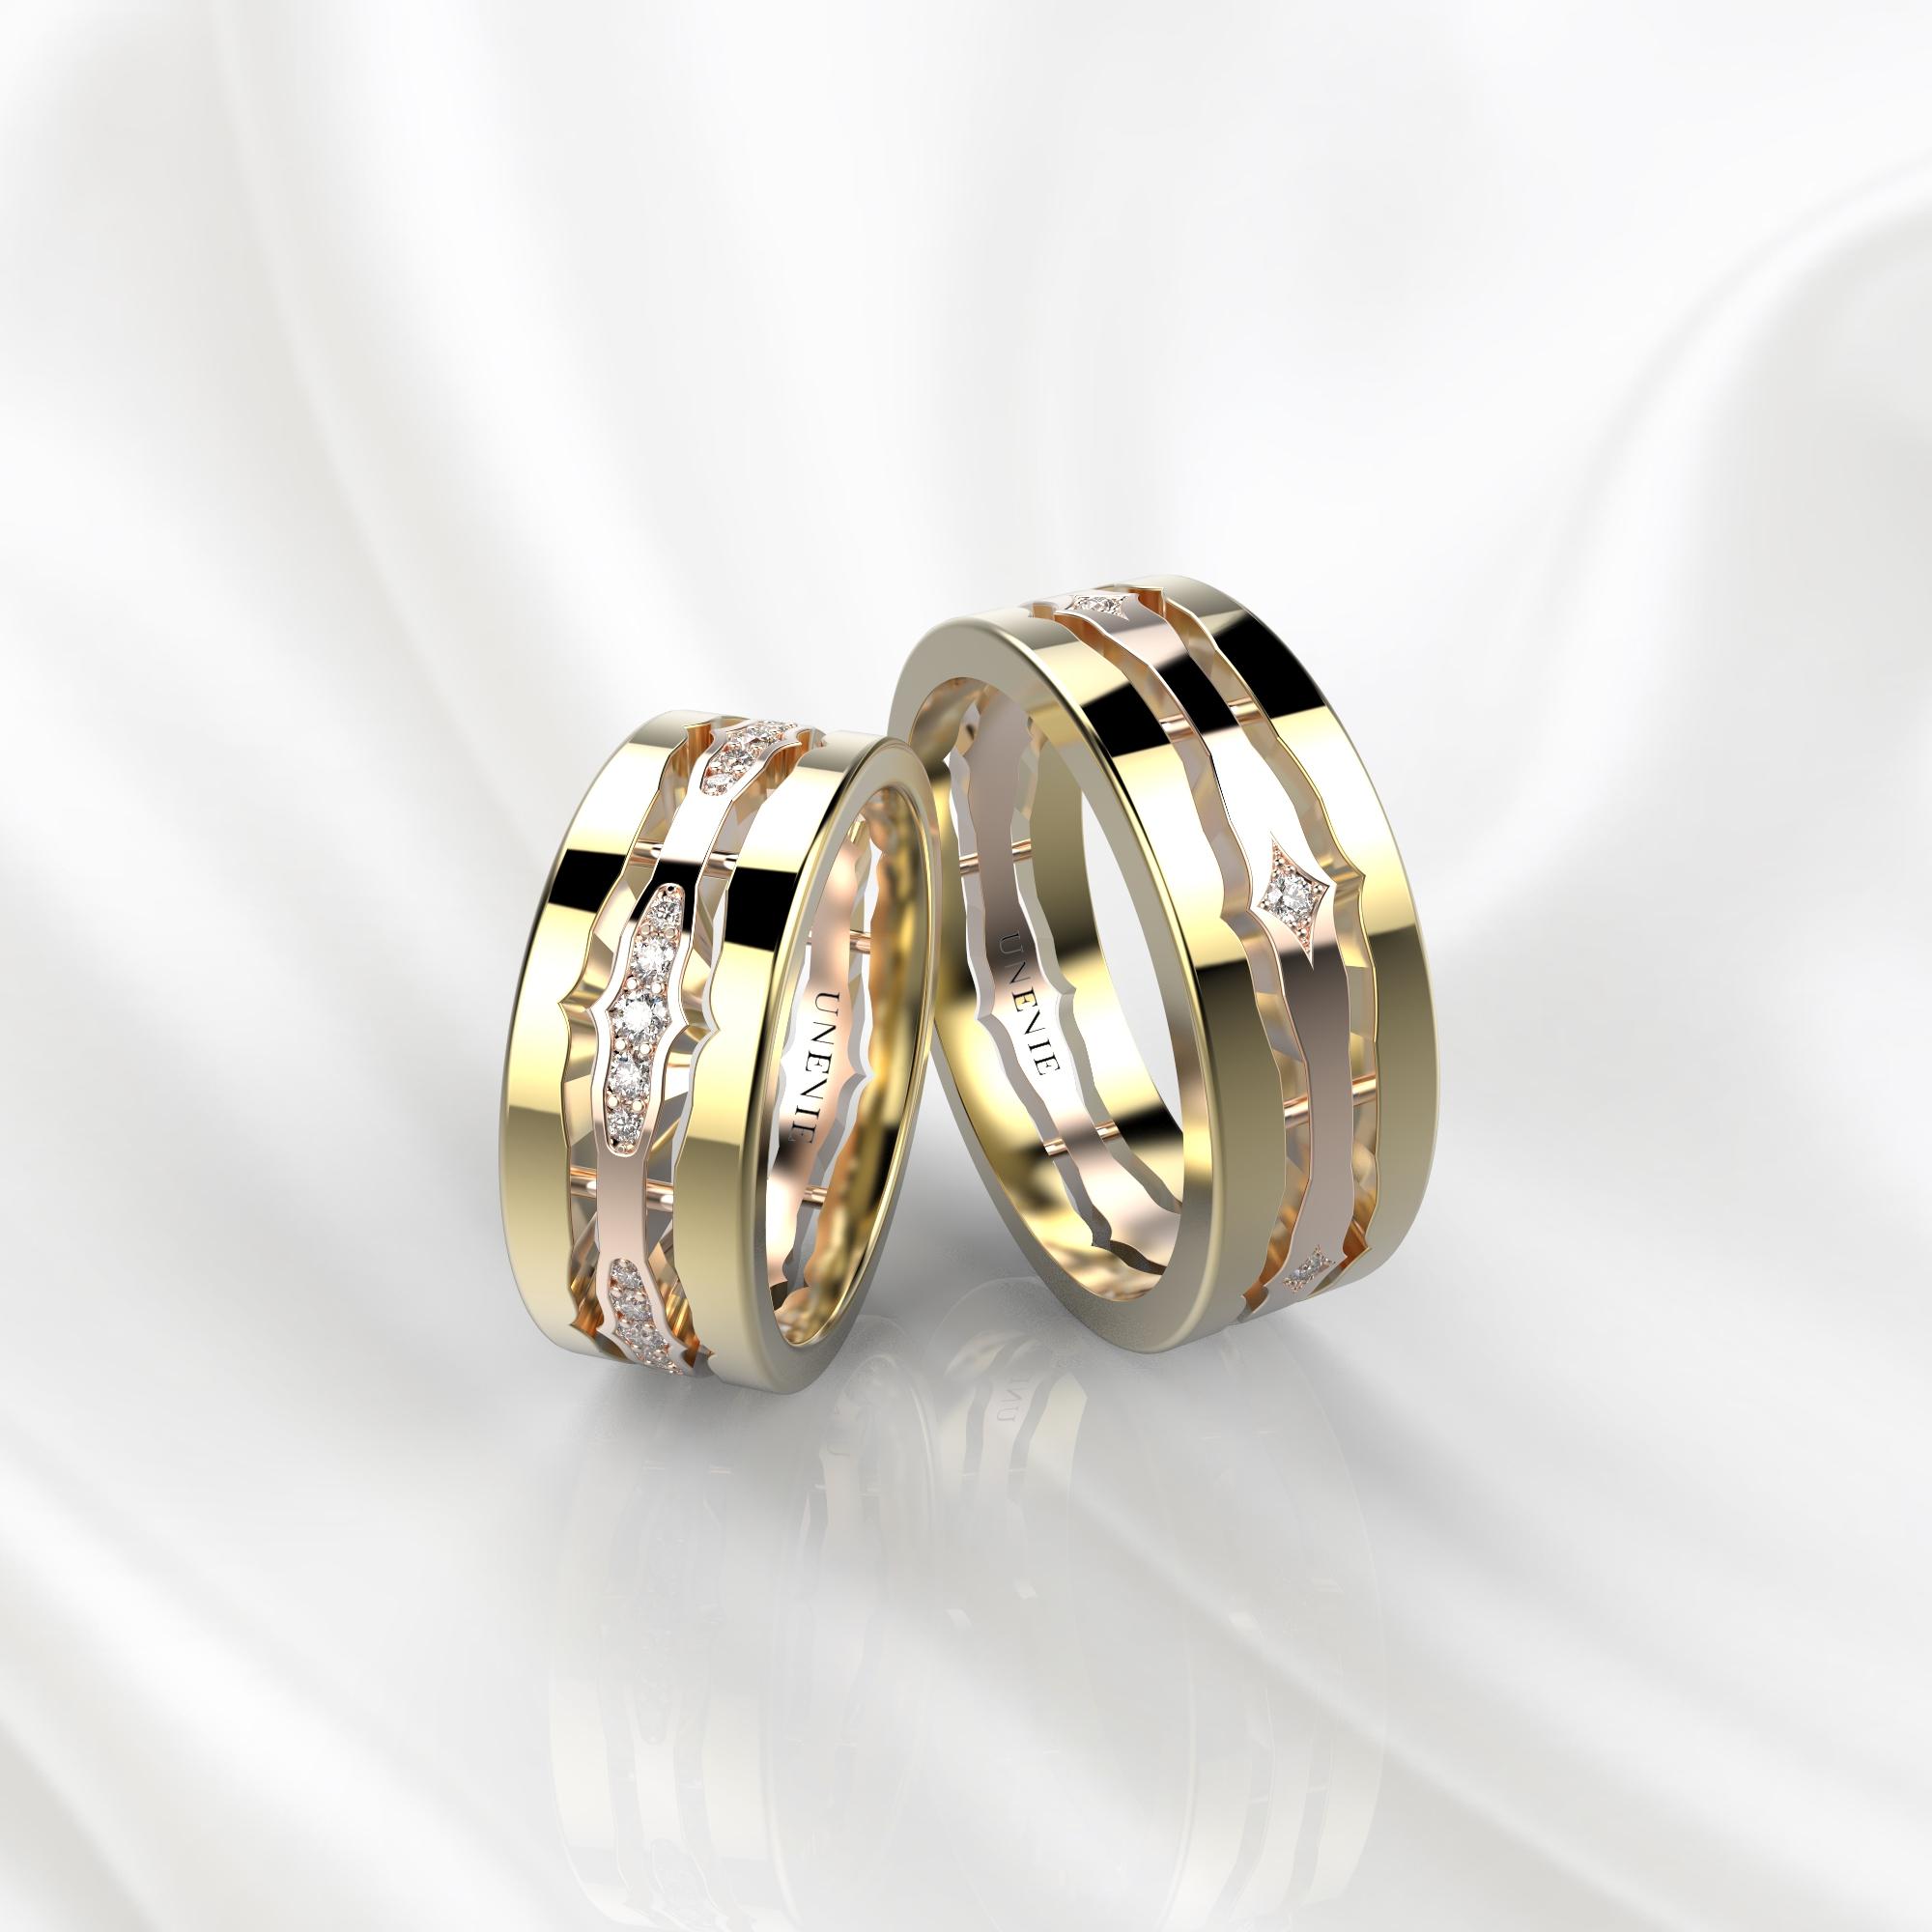 NV48 Парные обручальные кольца из желто-розового золота с бриллиантами